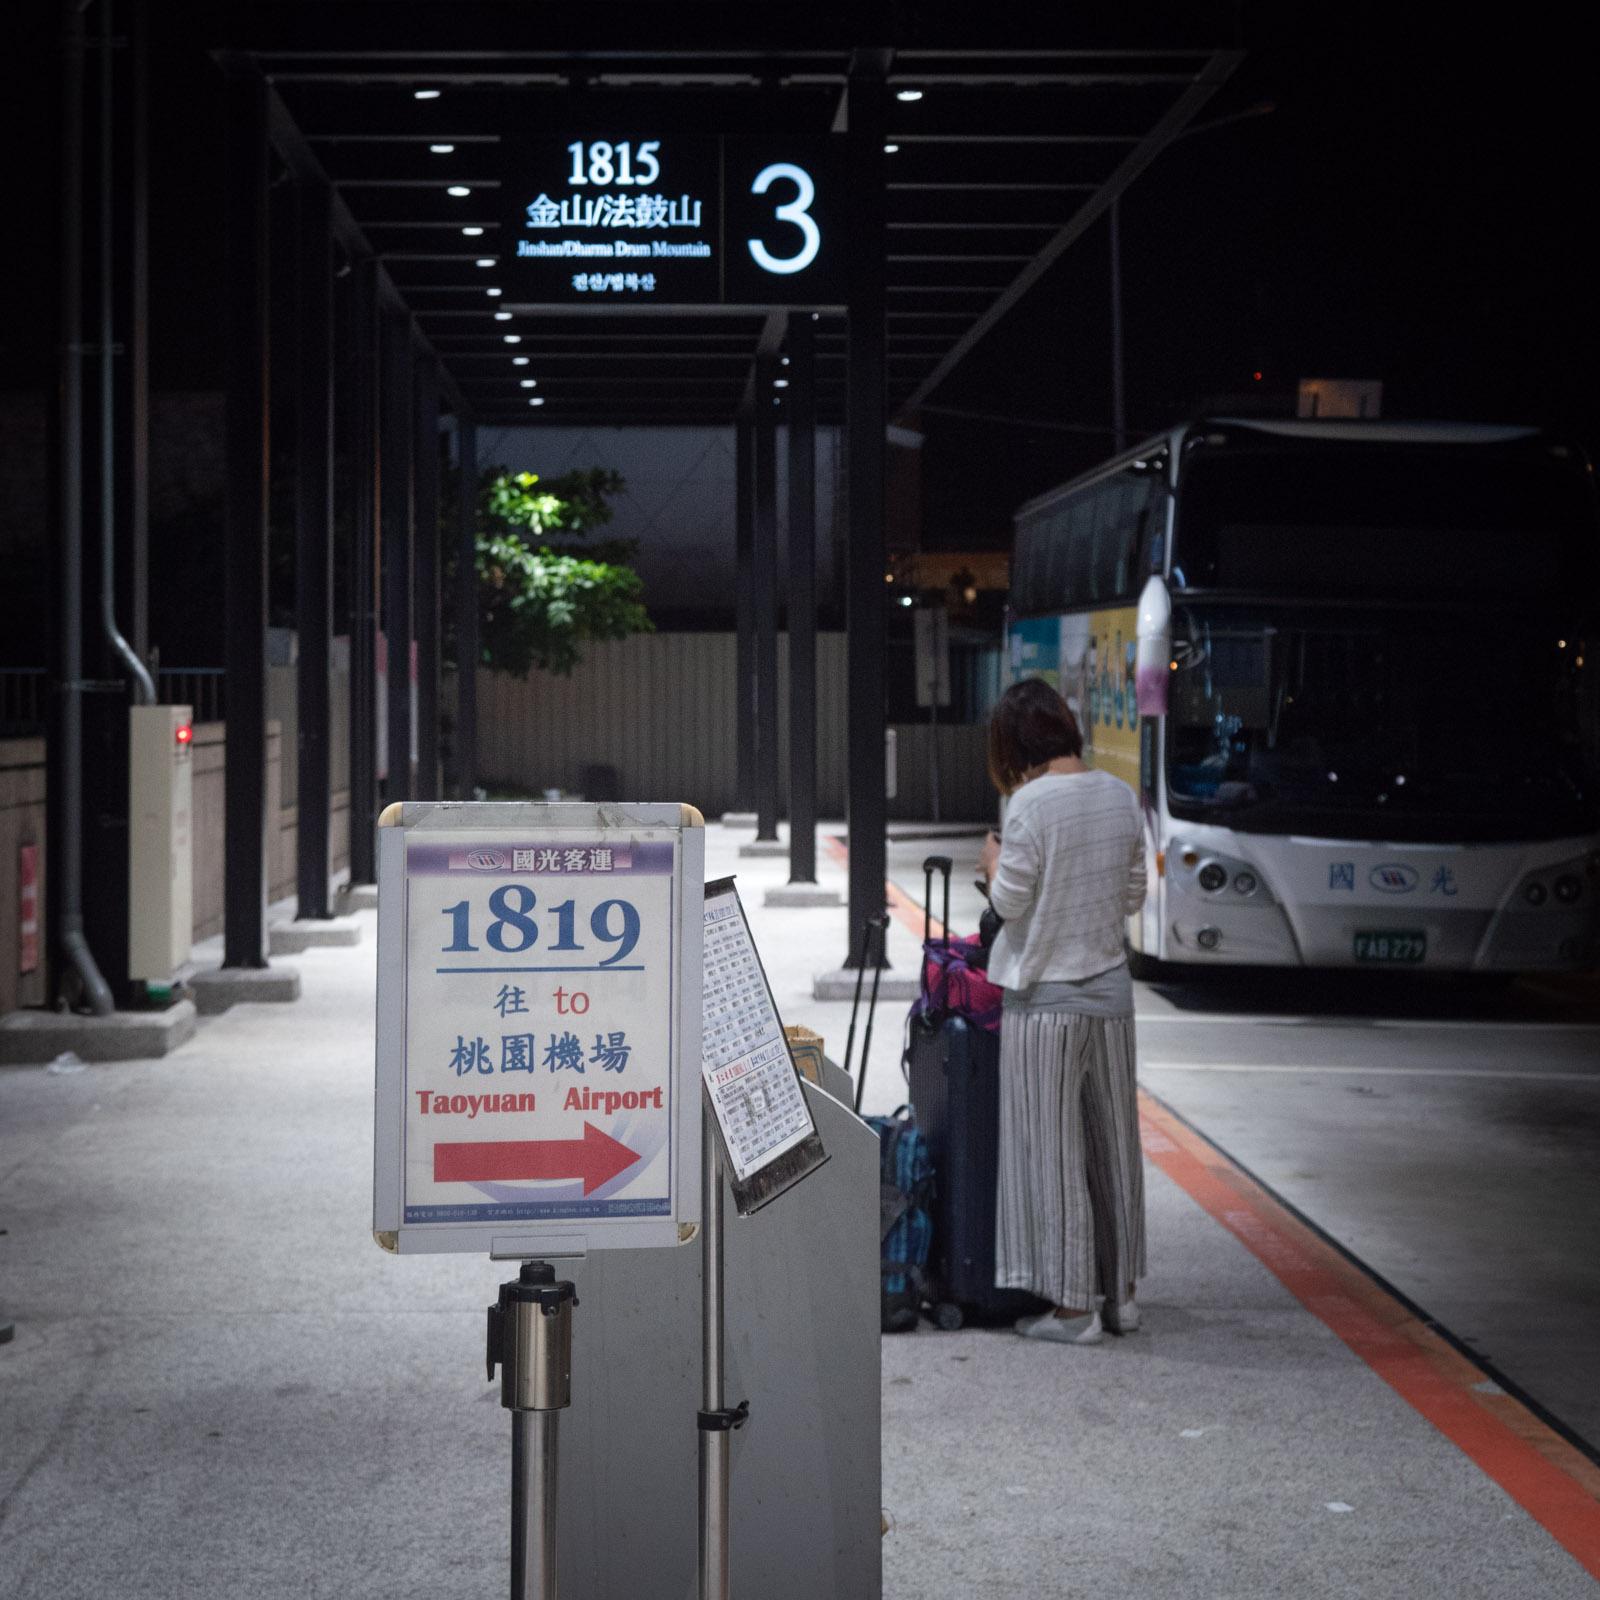 夜も明けきらぬ台北空港シャトルバス乗り場